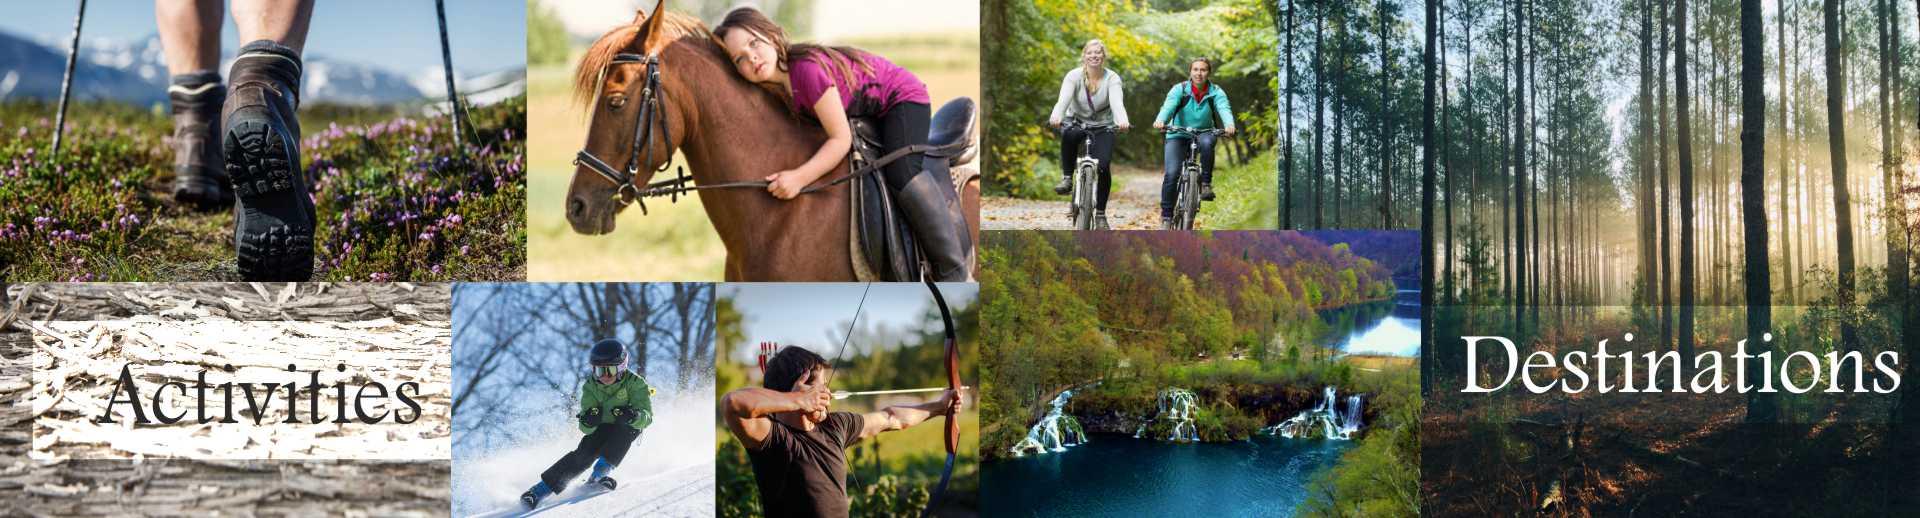 Etno Garden Plitvice Lakes Activities Header Cover